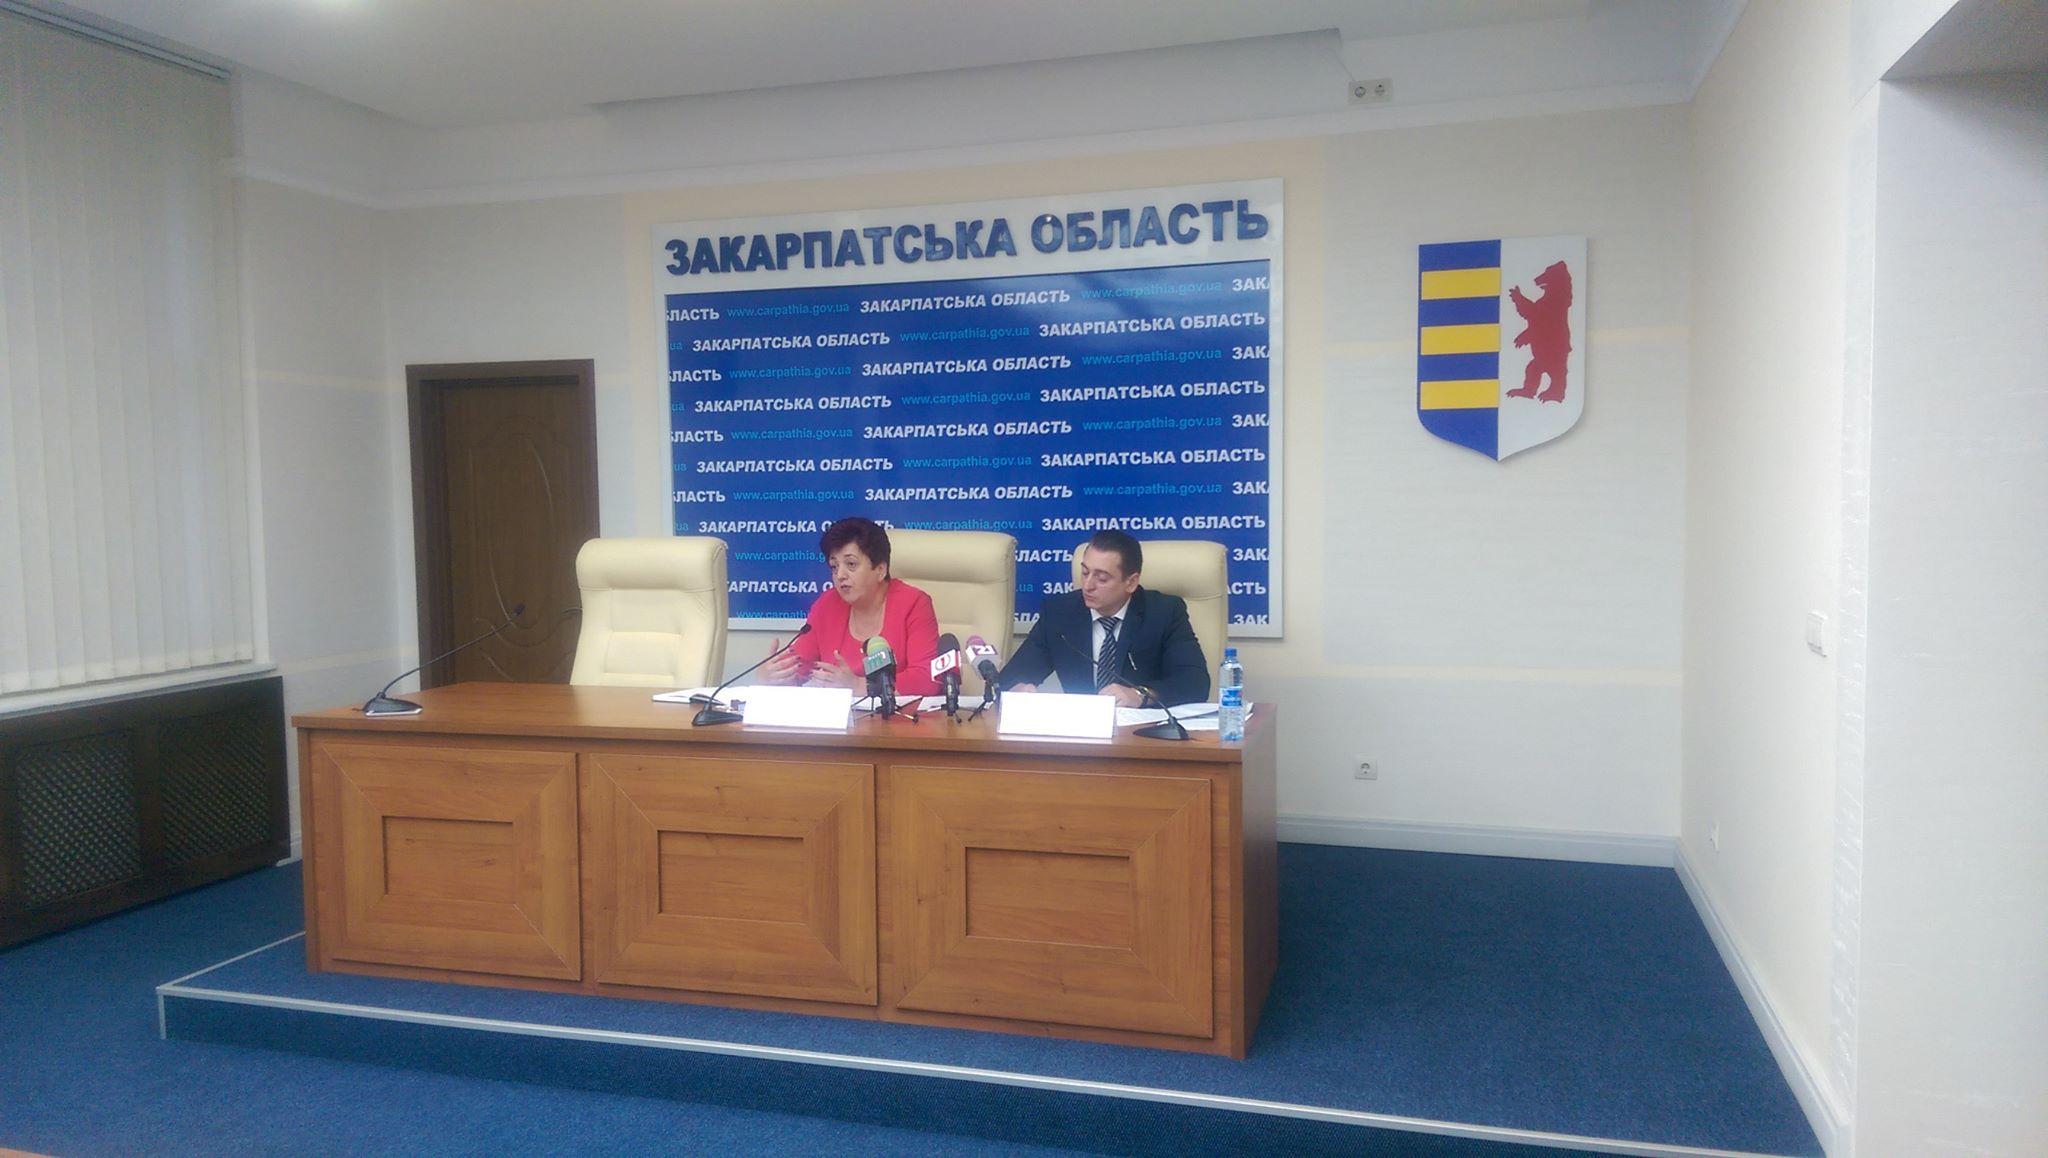 В Закарпатській ОДА економіку області перевели в цифри (ВІДЕО)